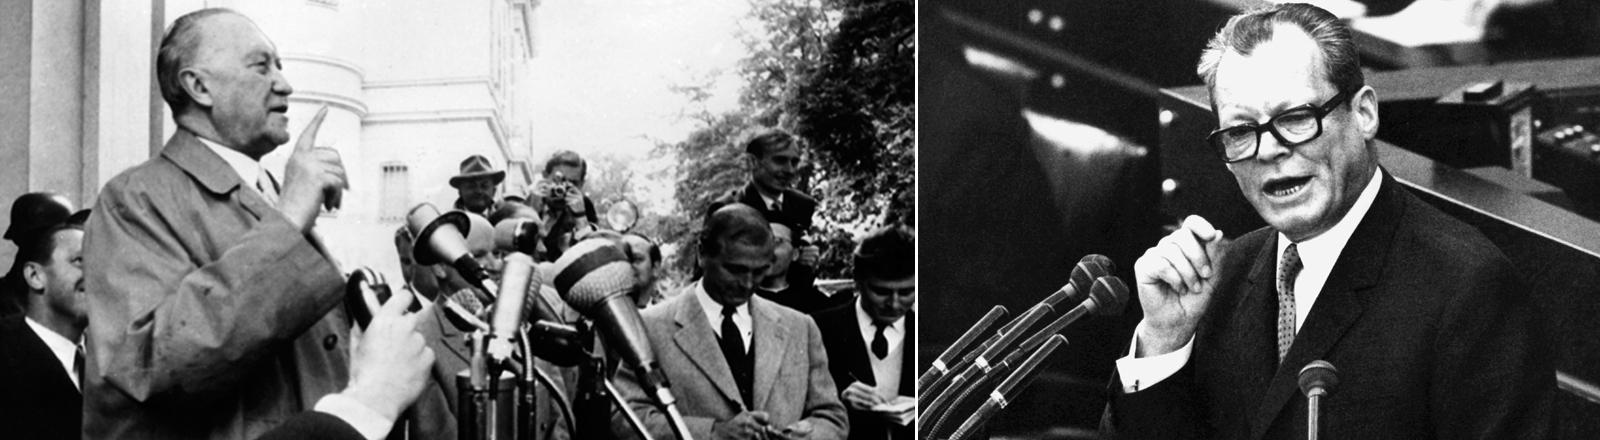 Konrad Adenauer nach seinem Wahlsieg 1957 und Willy Brandt bei seiner Antrittsrede als Bundeskanzler 1969.